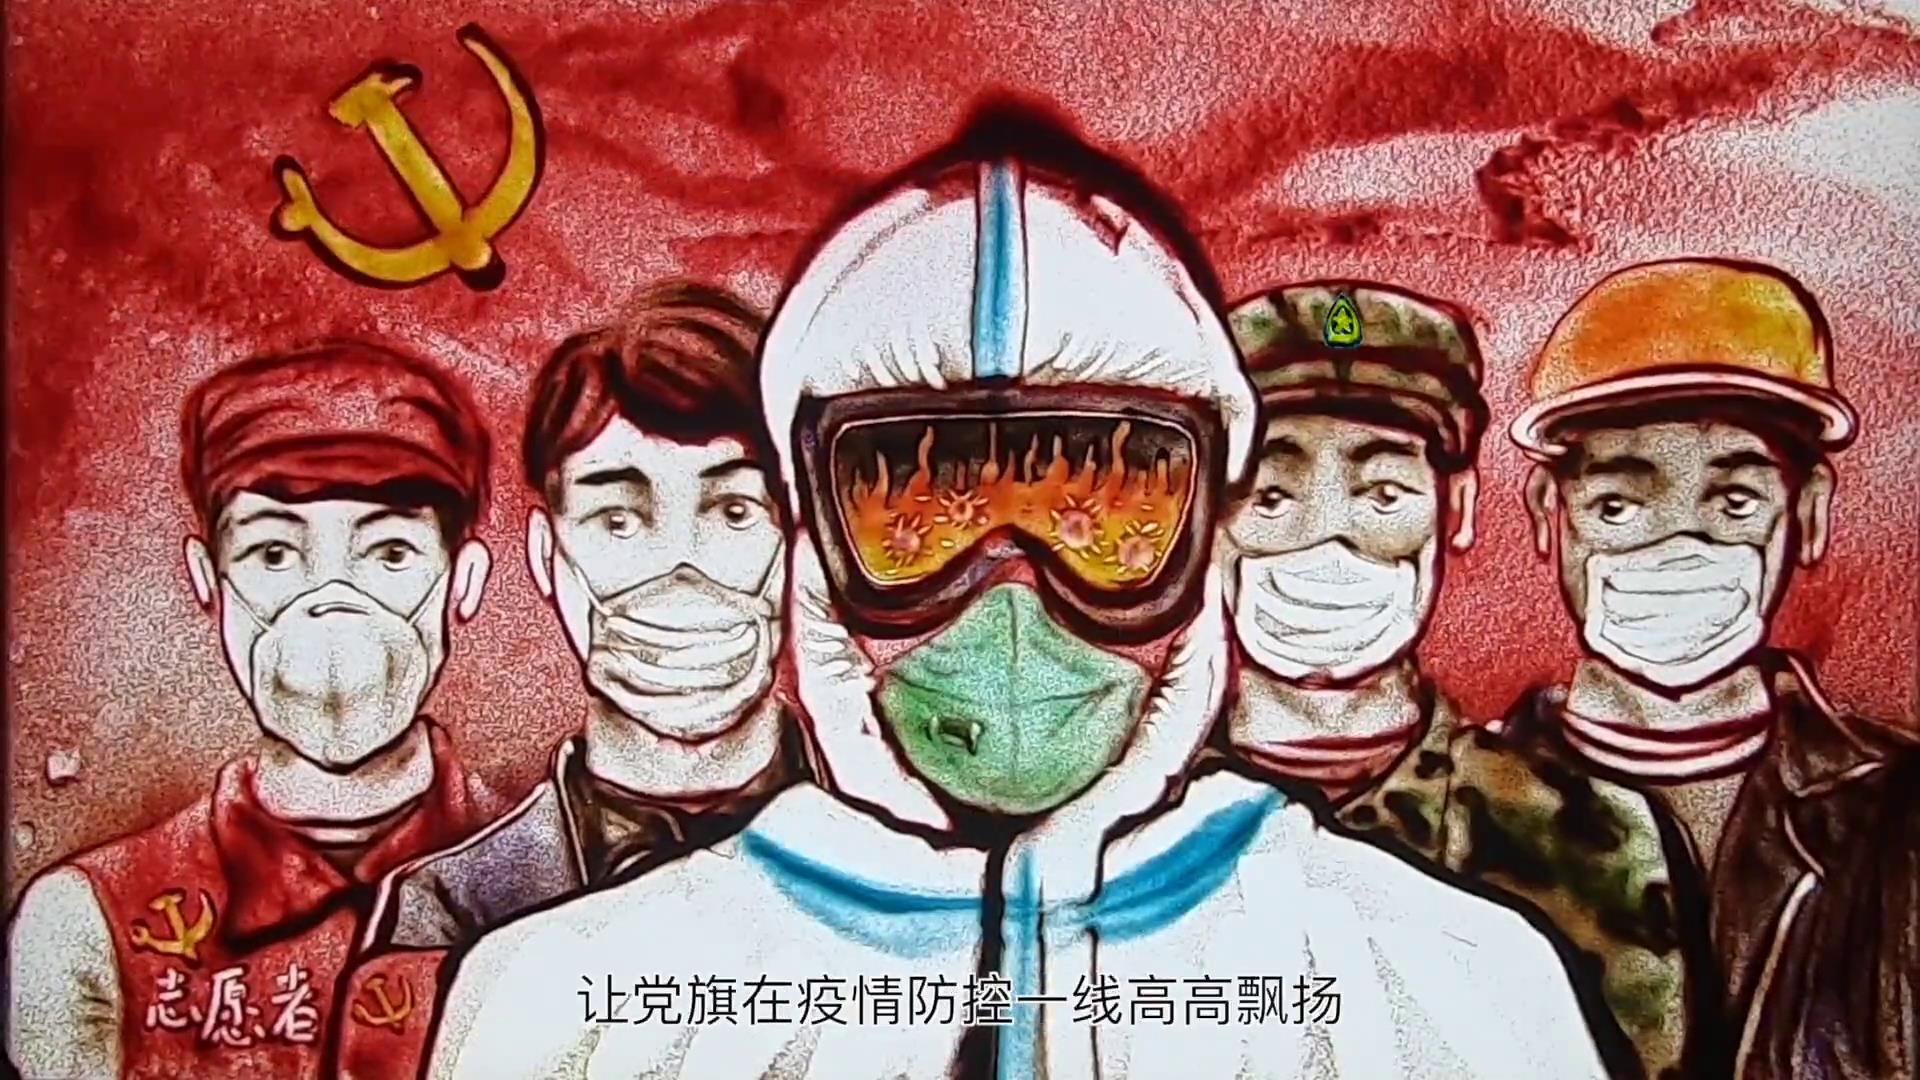 超燃沙画!防控疫情第一线,党旗飘扬[封面图].jpg